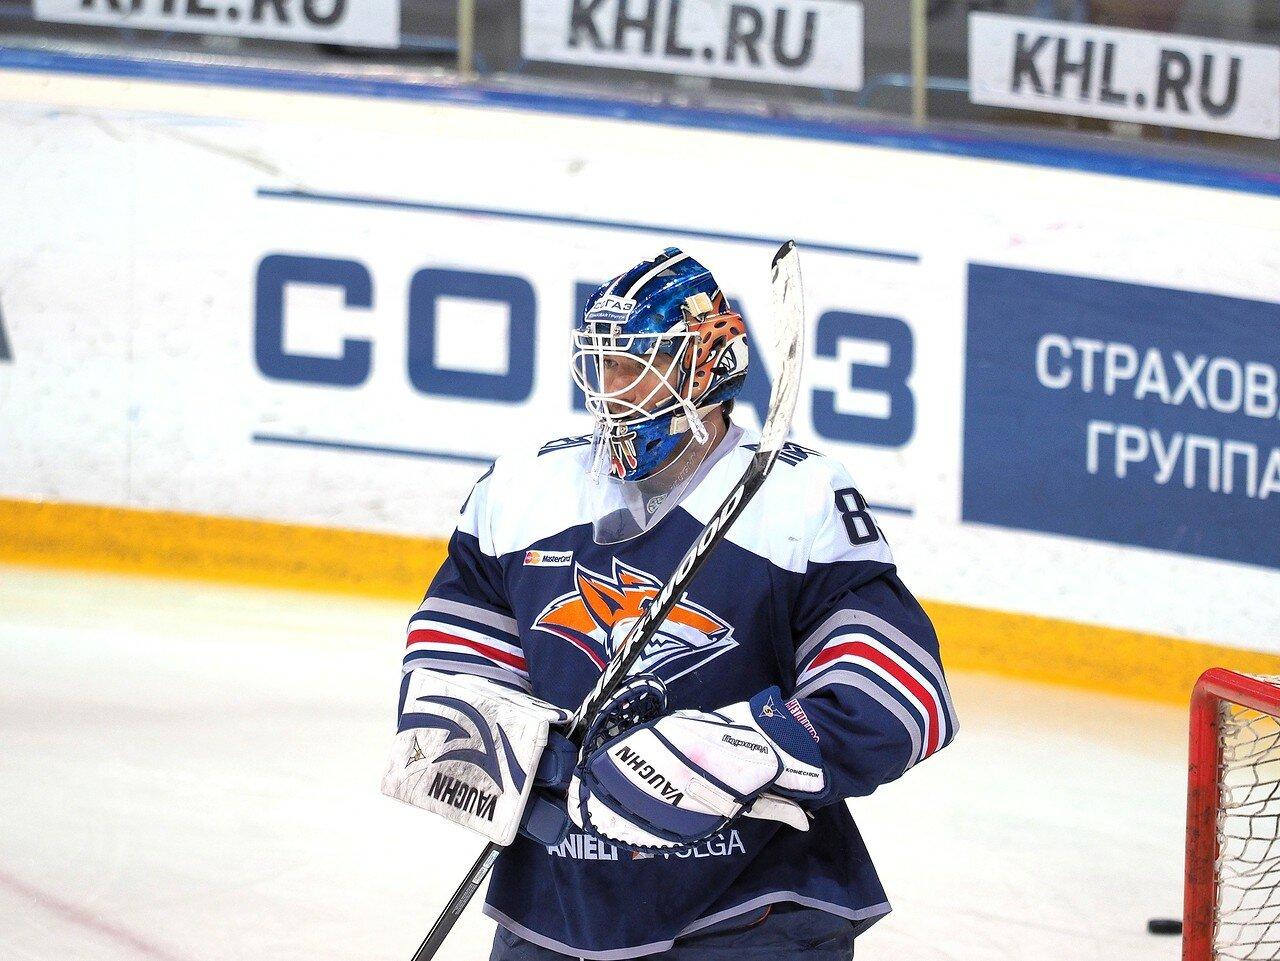 36Металлург - Витязь 25.11.2016